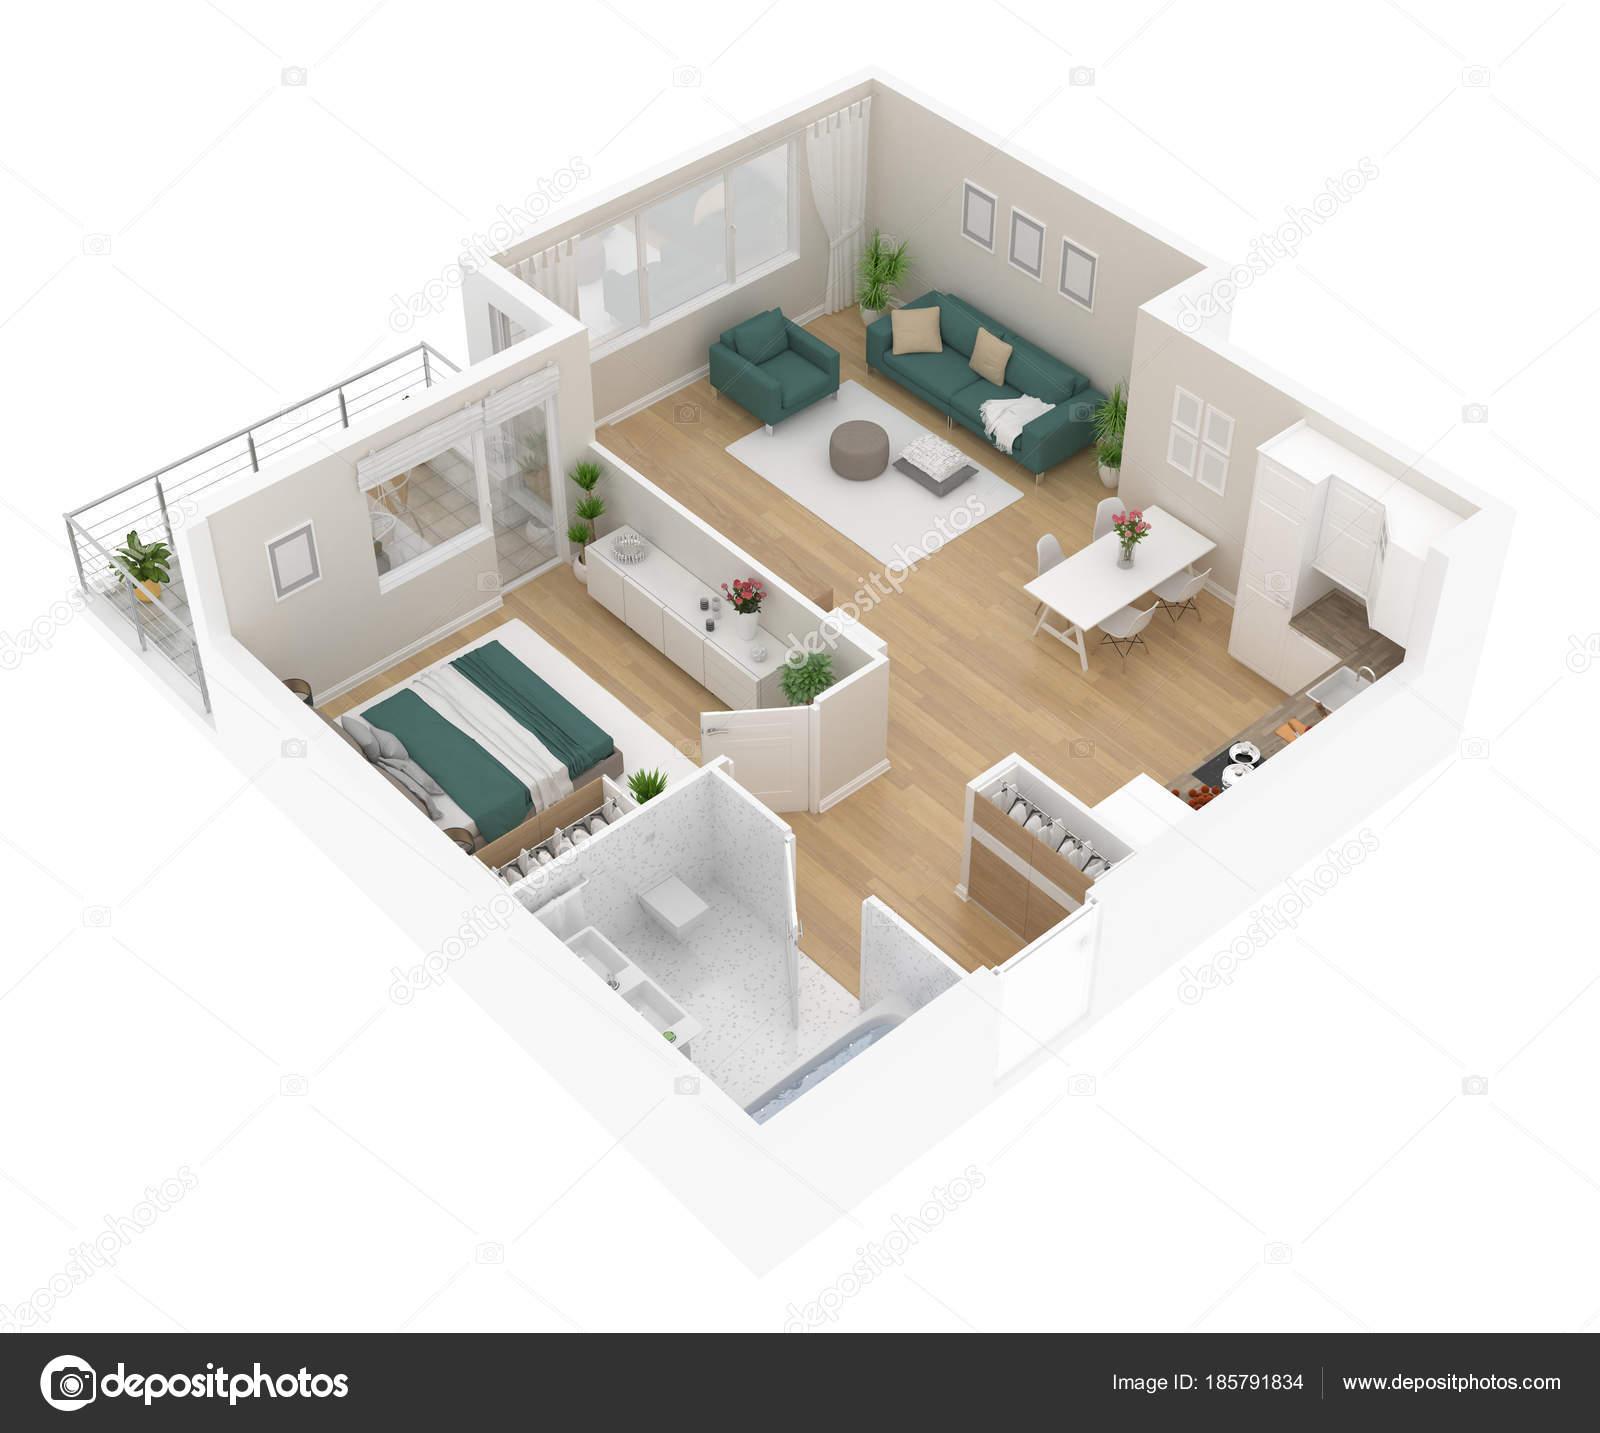 https://st3.depositphotos.com/3856085/18579/i/1600/depositphotos_185791834-stockafbeelding-bovenaanzicht-van-plattegrond-appartement-interieur.jpg